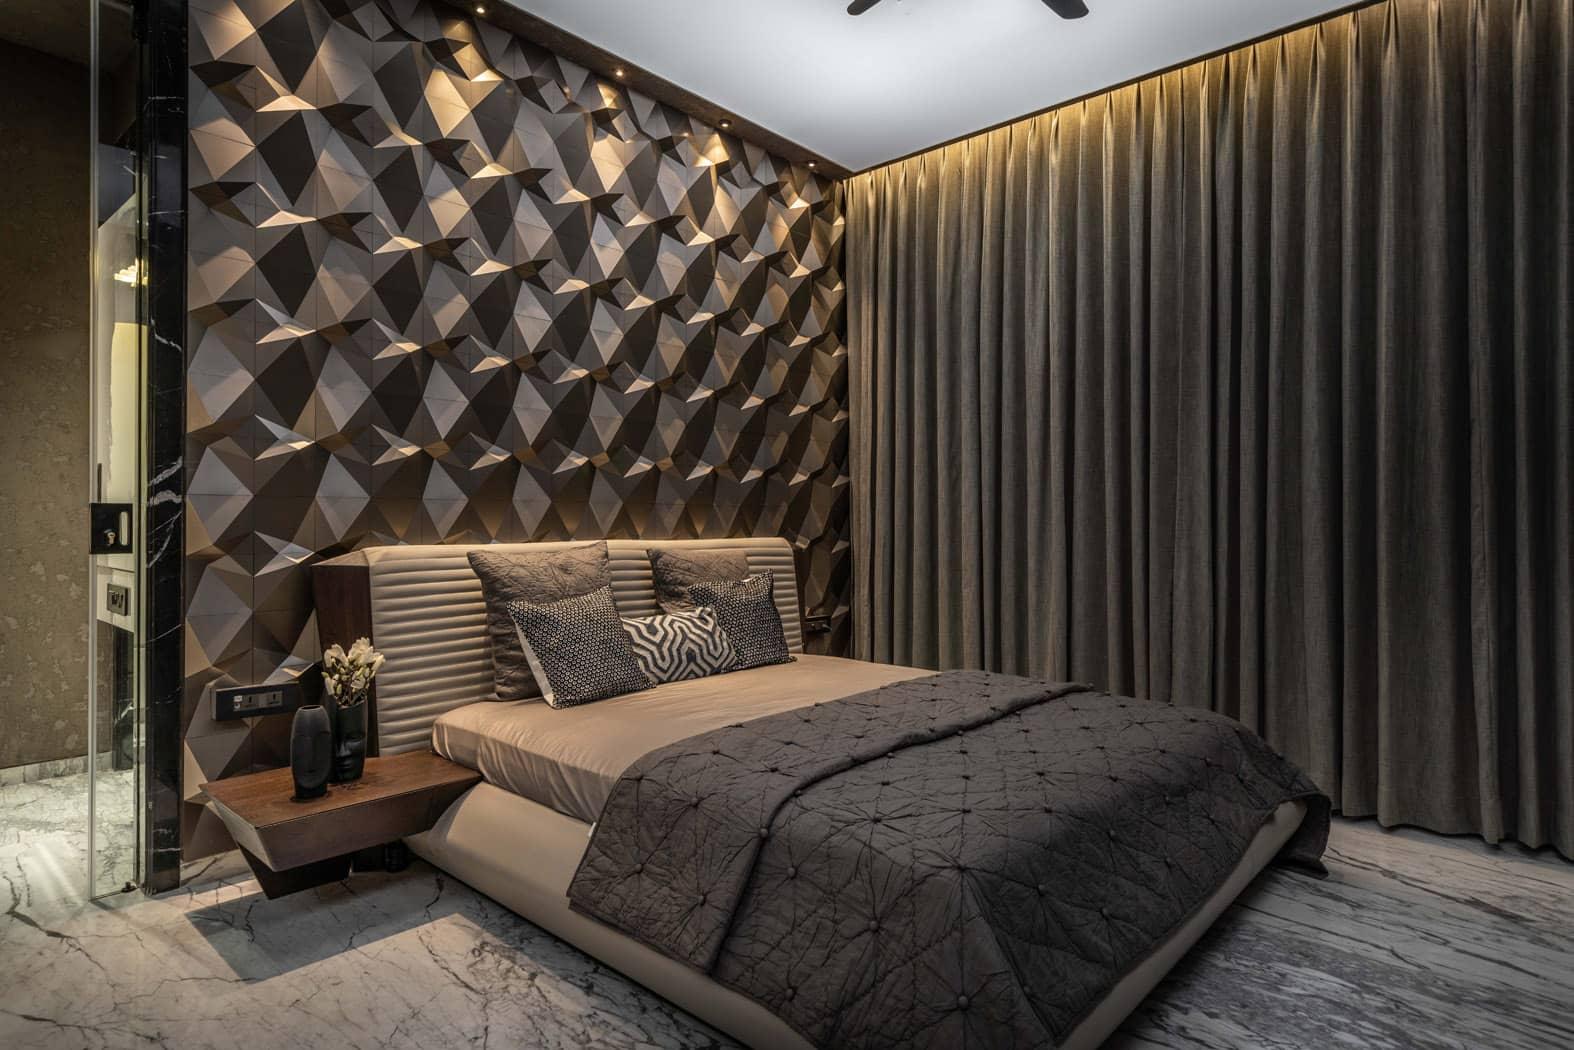 3D Wall Penta